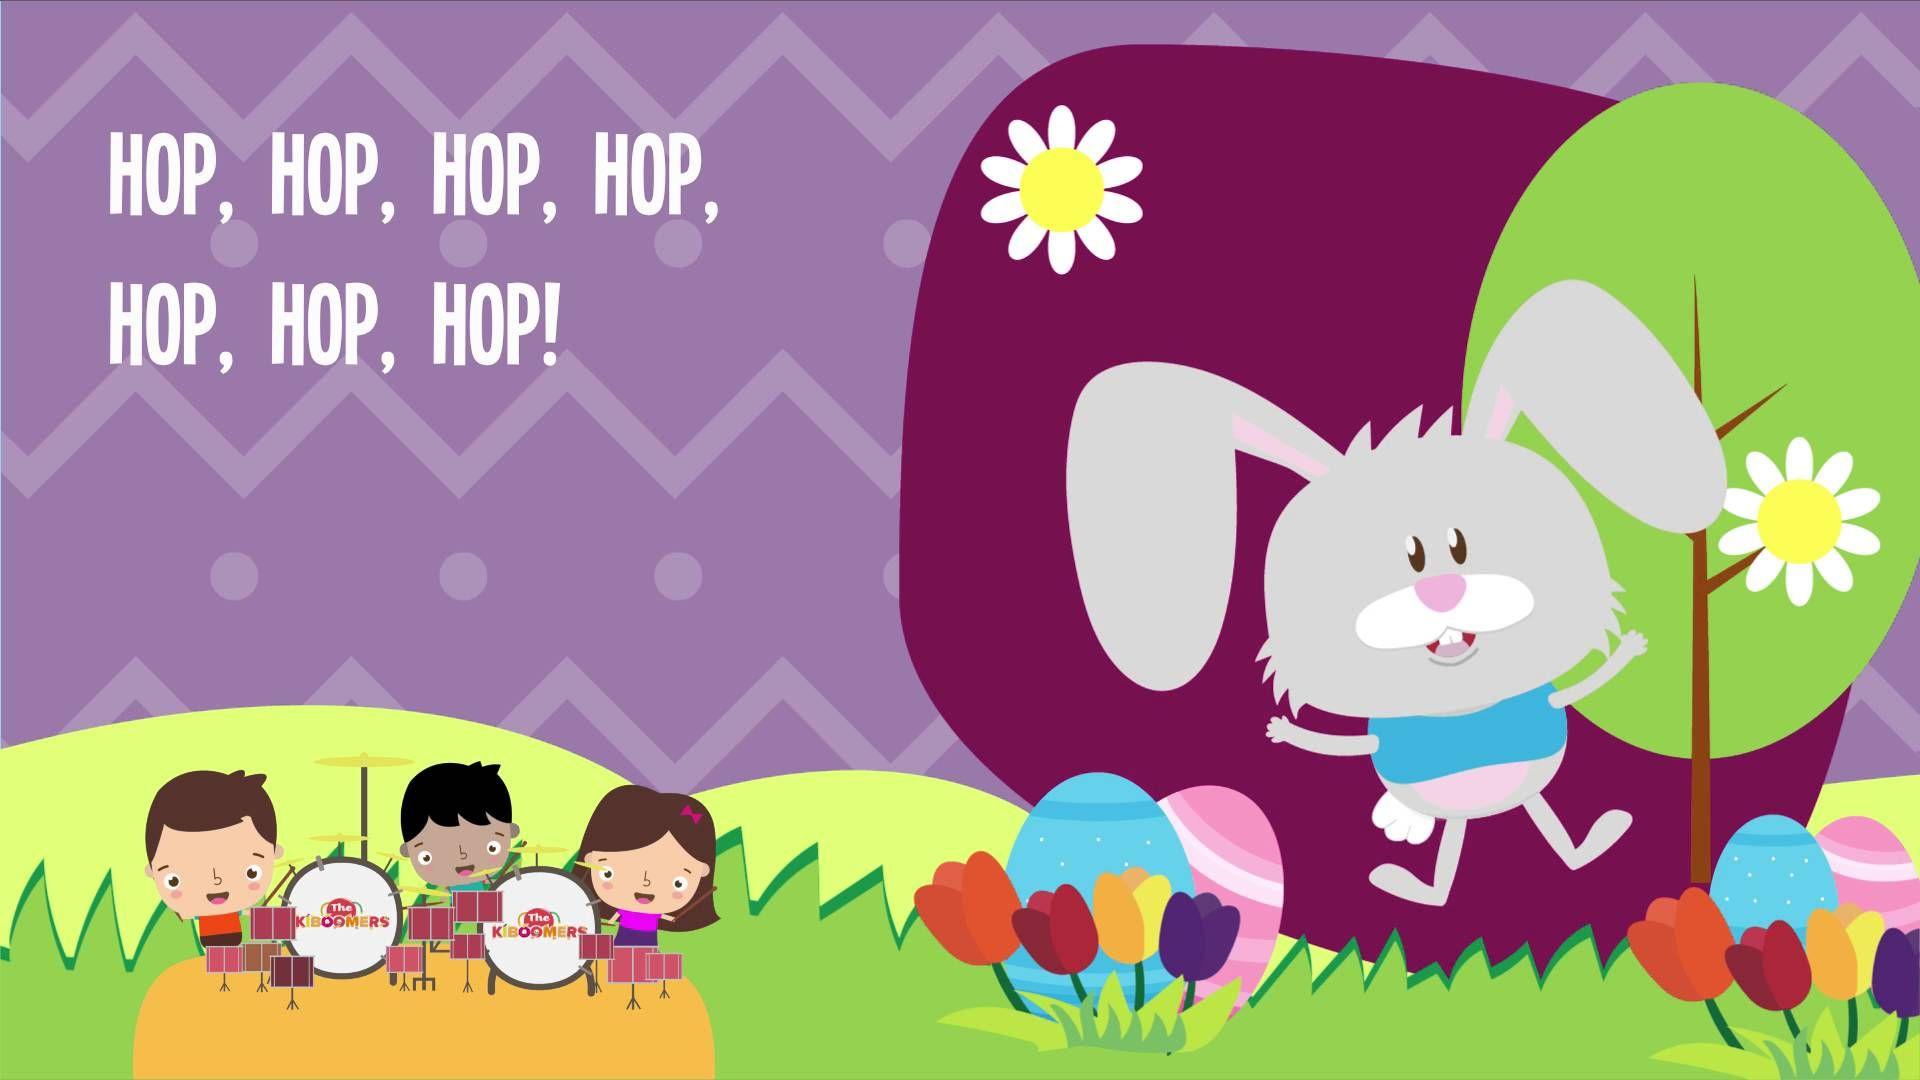 Hippity Hoppity Easter Bunny Song Lyrics For Kids